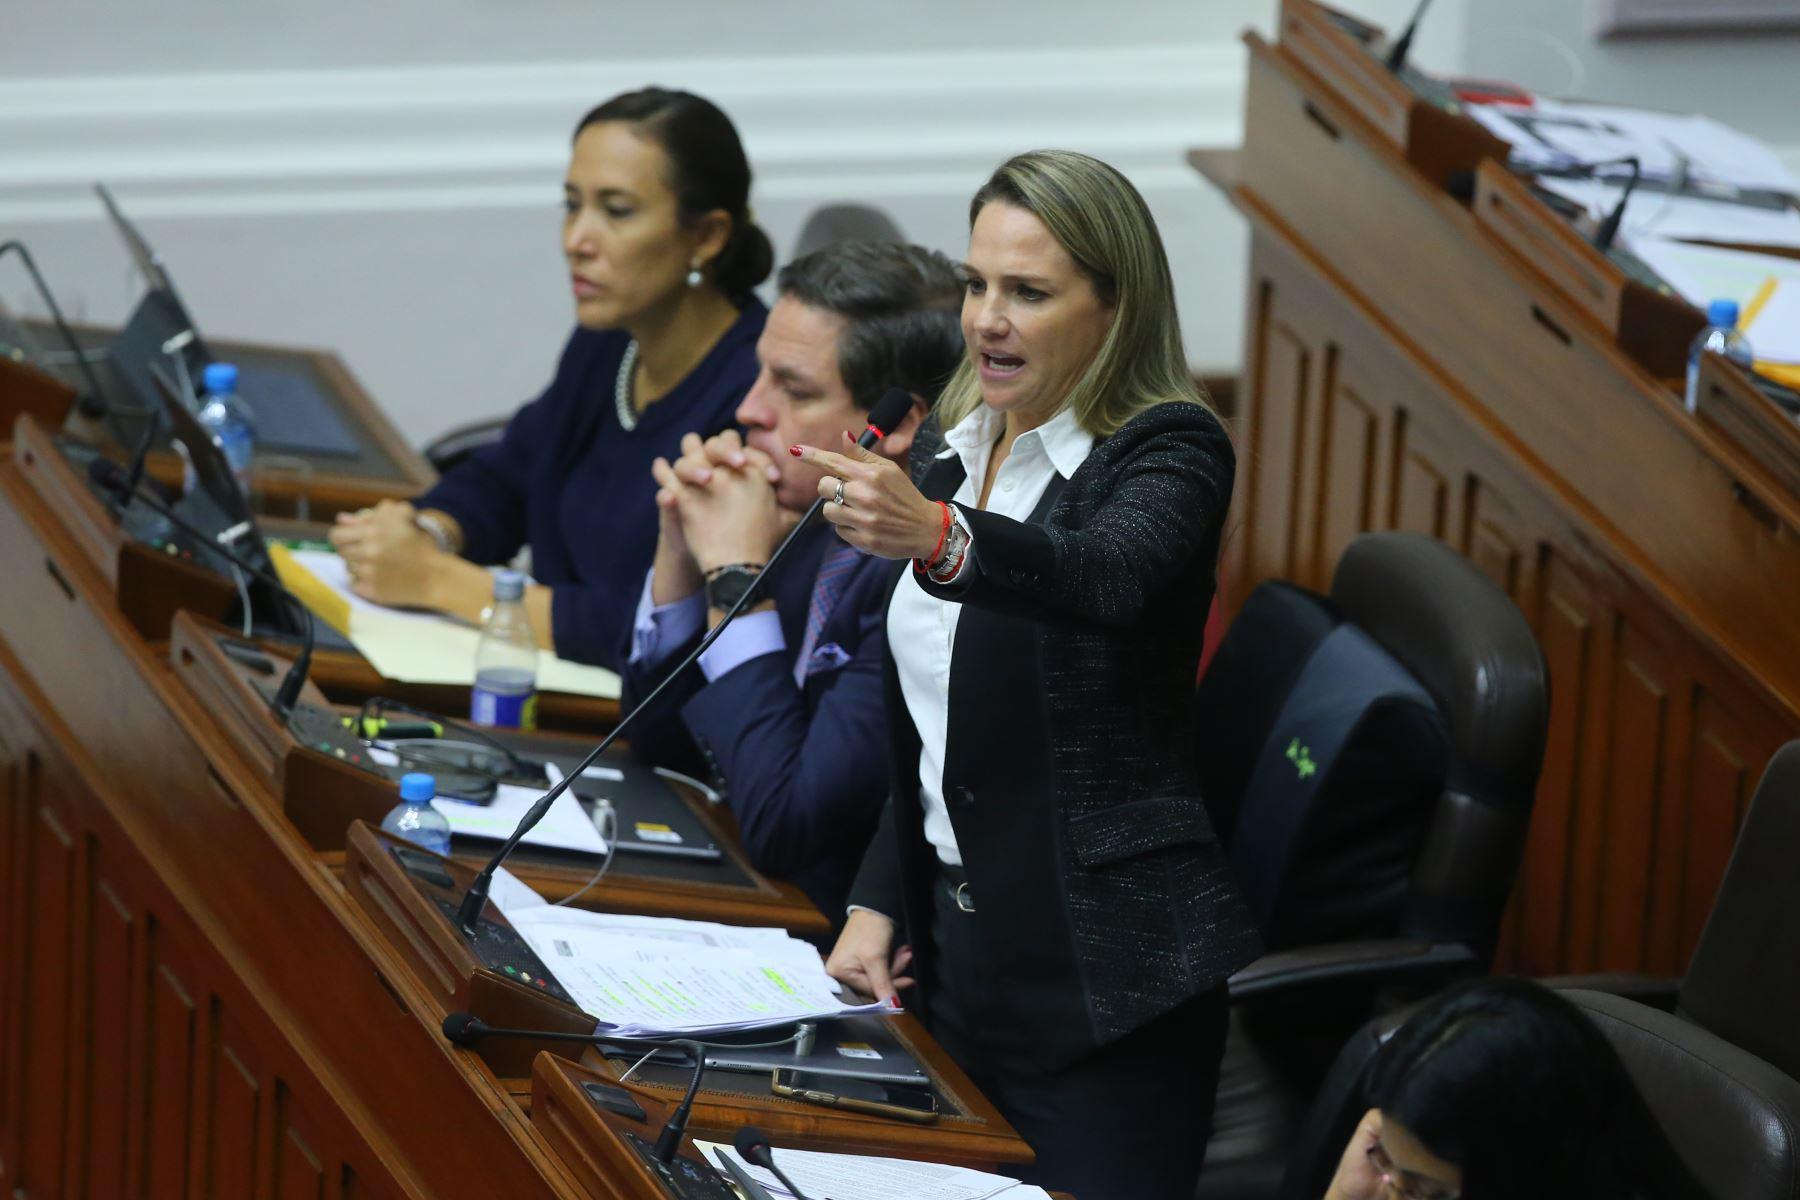 Congresista Luciana León  interviene en el debate sobre la cuestión de confianza en el Congreso de la República. Foto: ANDINA/Vidal Tarqui